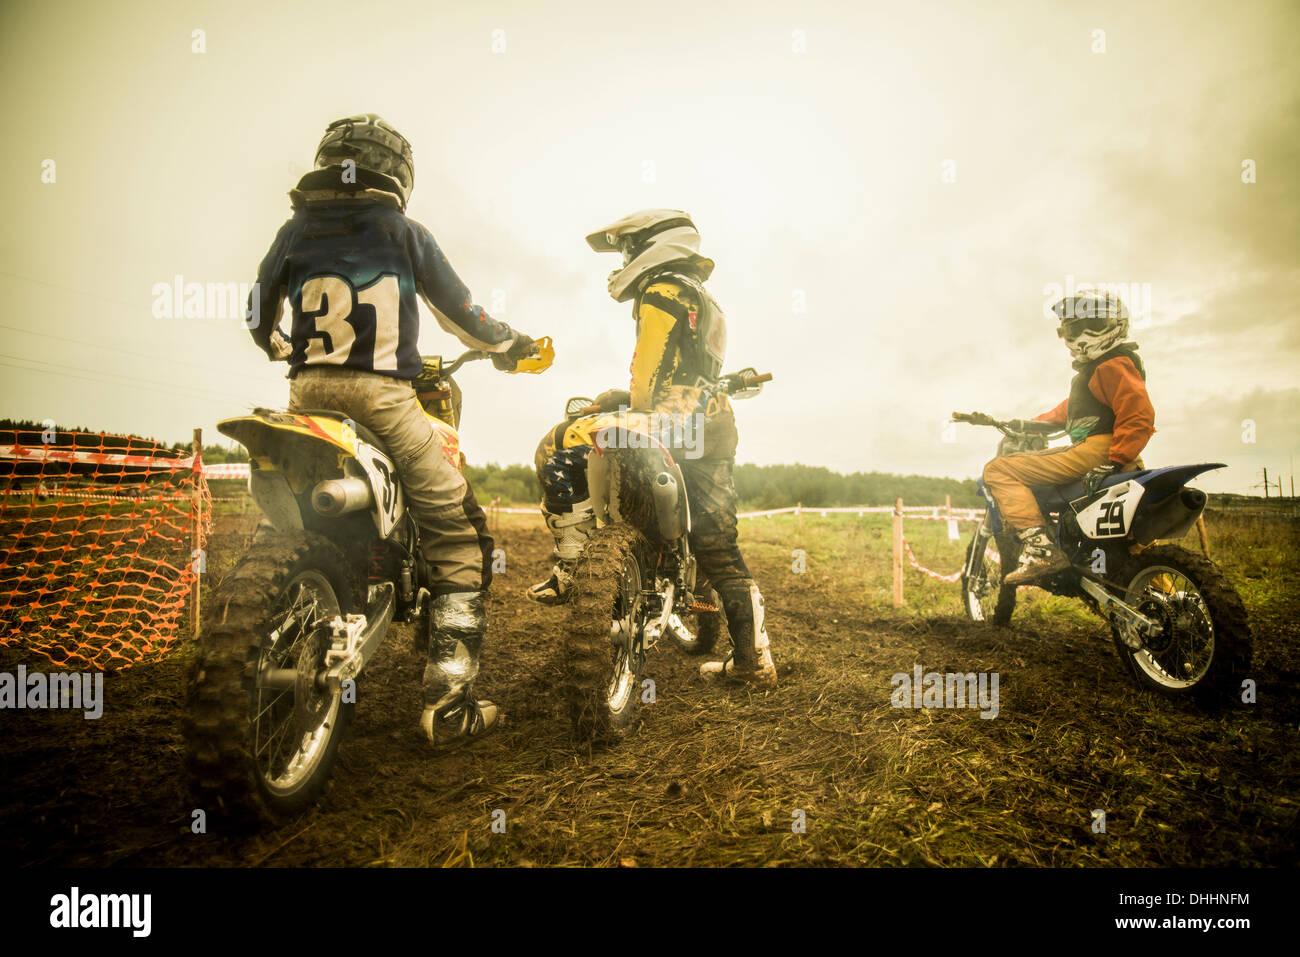 Joven y niños en motocicletas en motocross Imagen De Stock